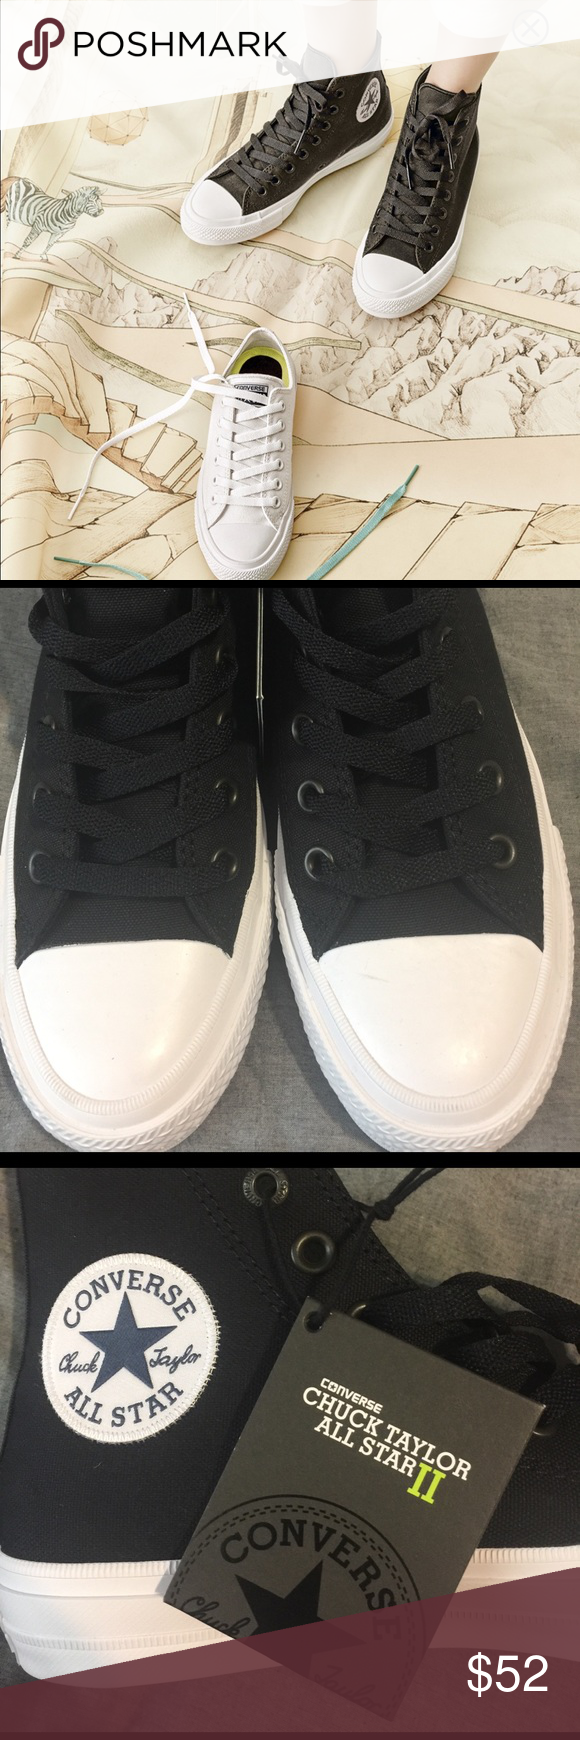 are converse shoes non slip - sochim.com